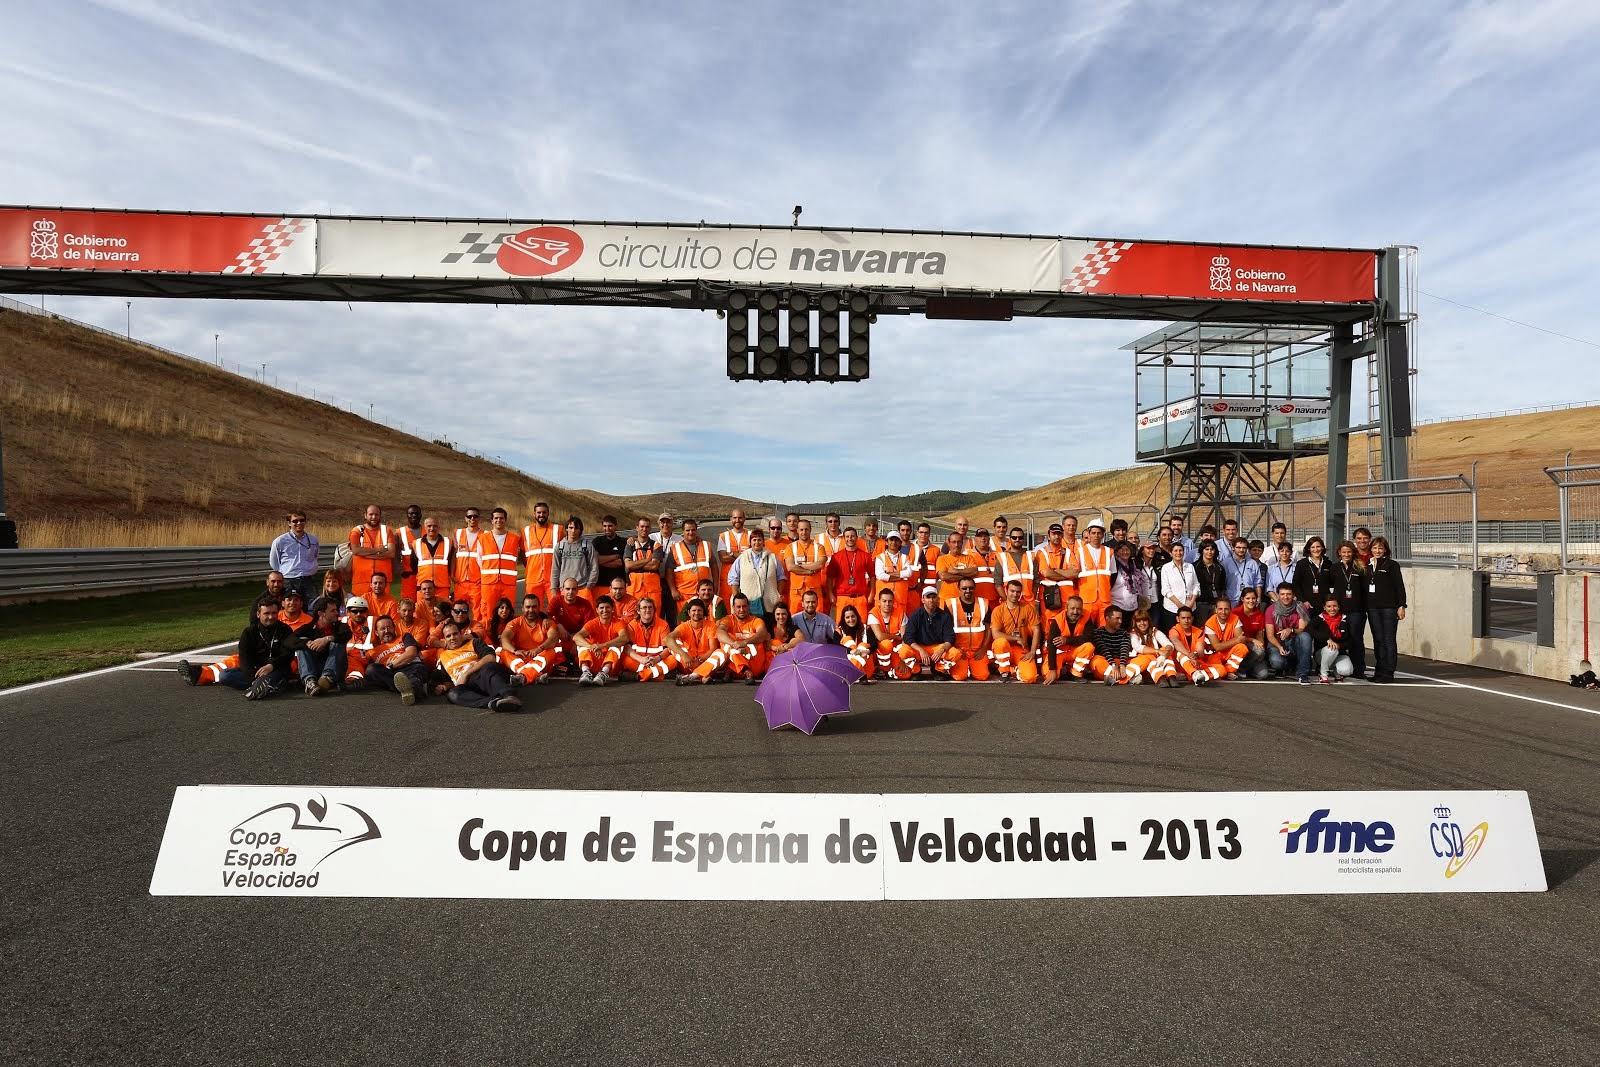 El equipo del Circuito de Navarra